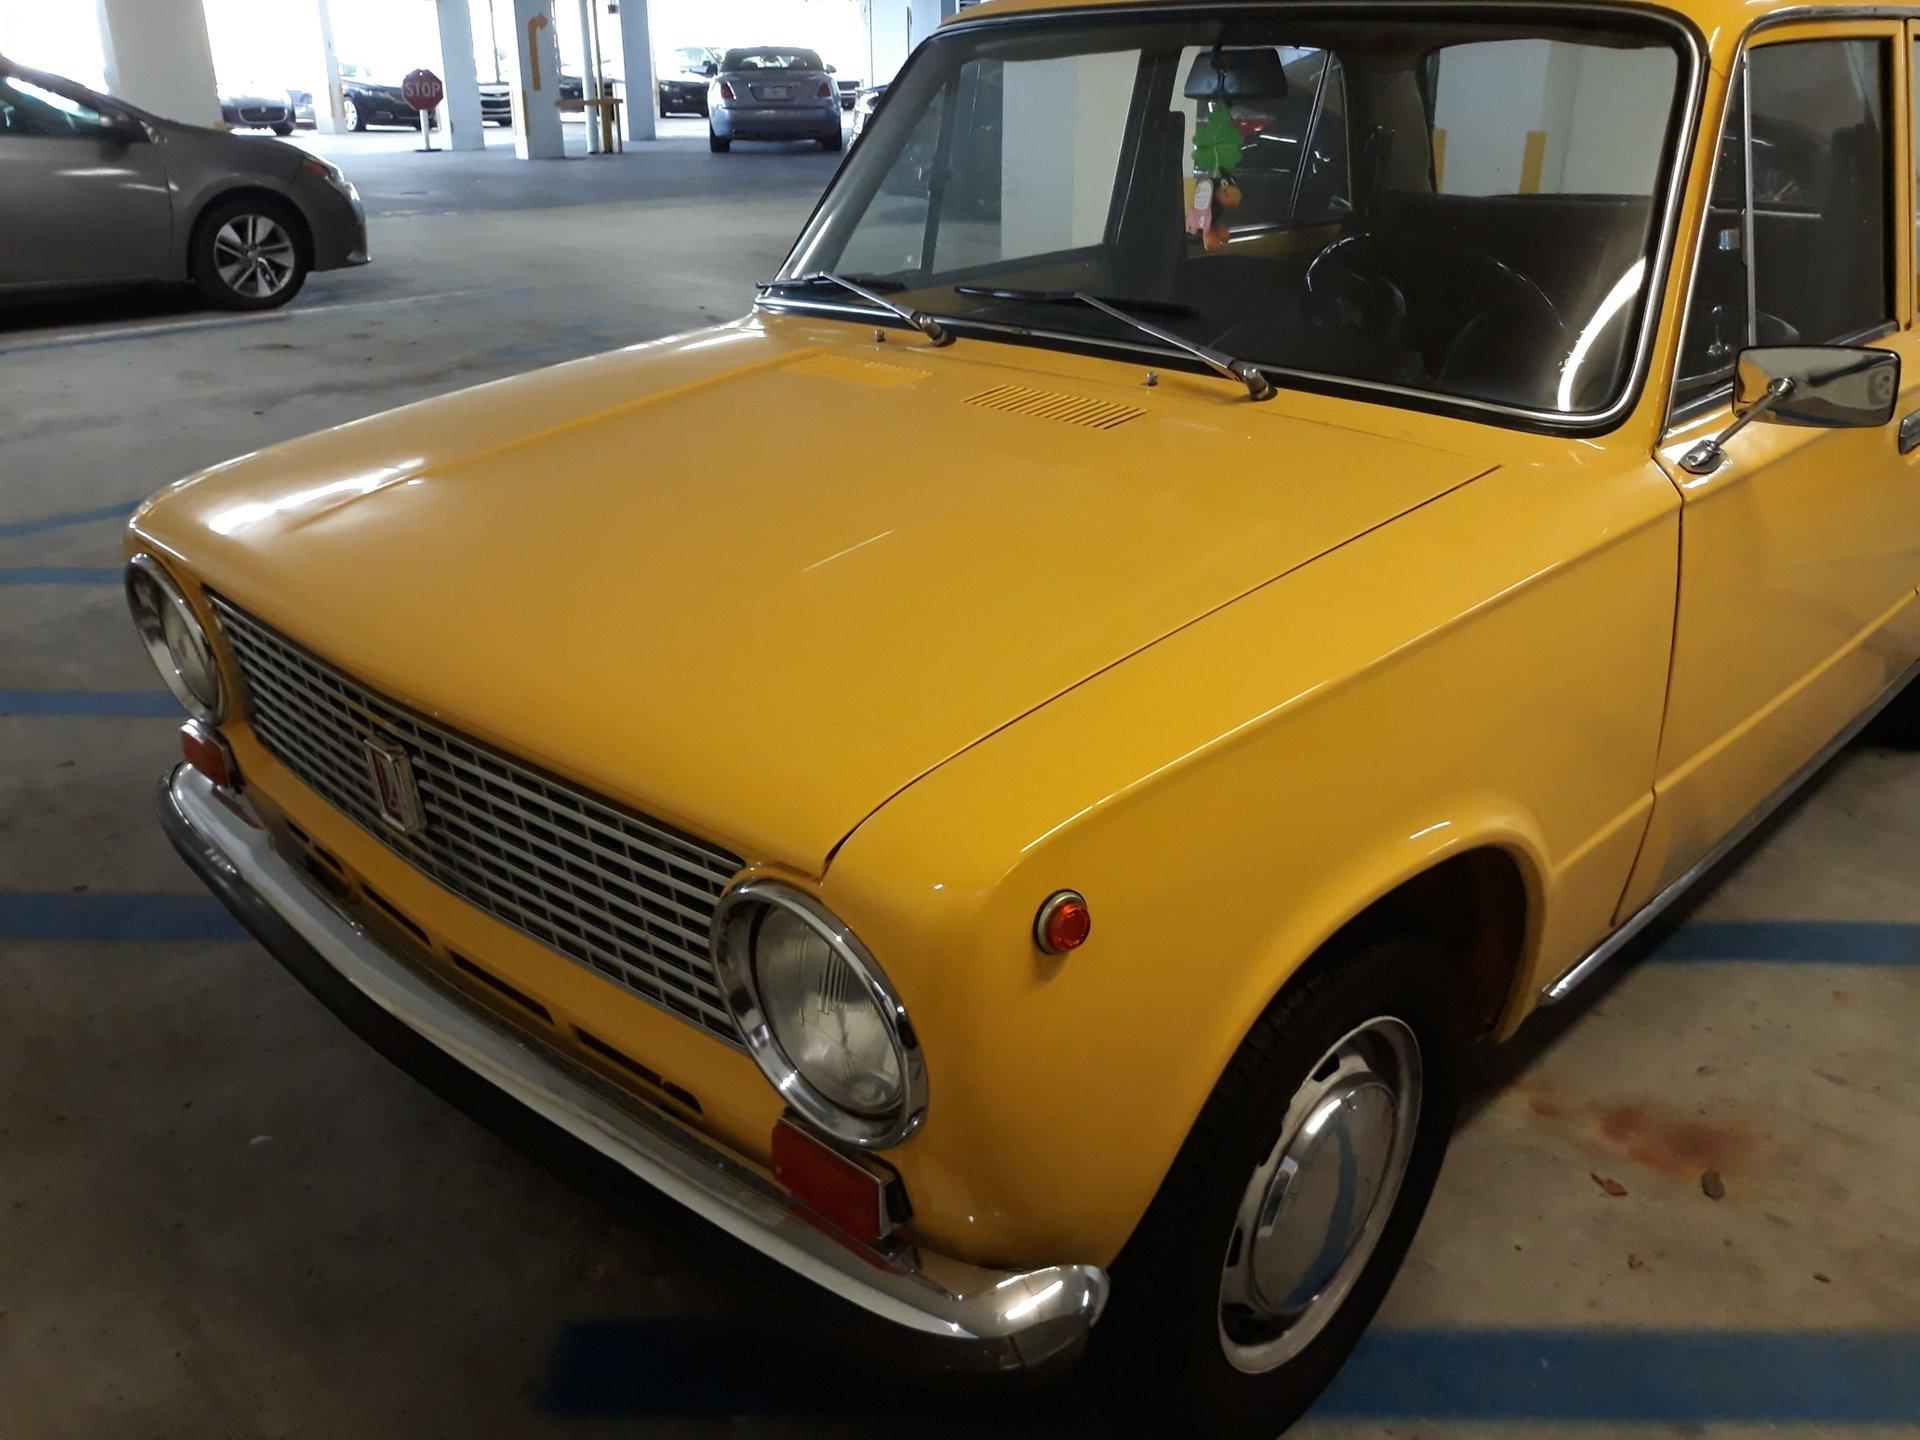 1986 lada 1200s